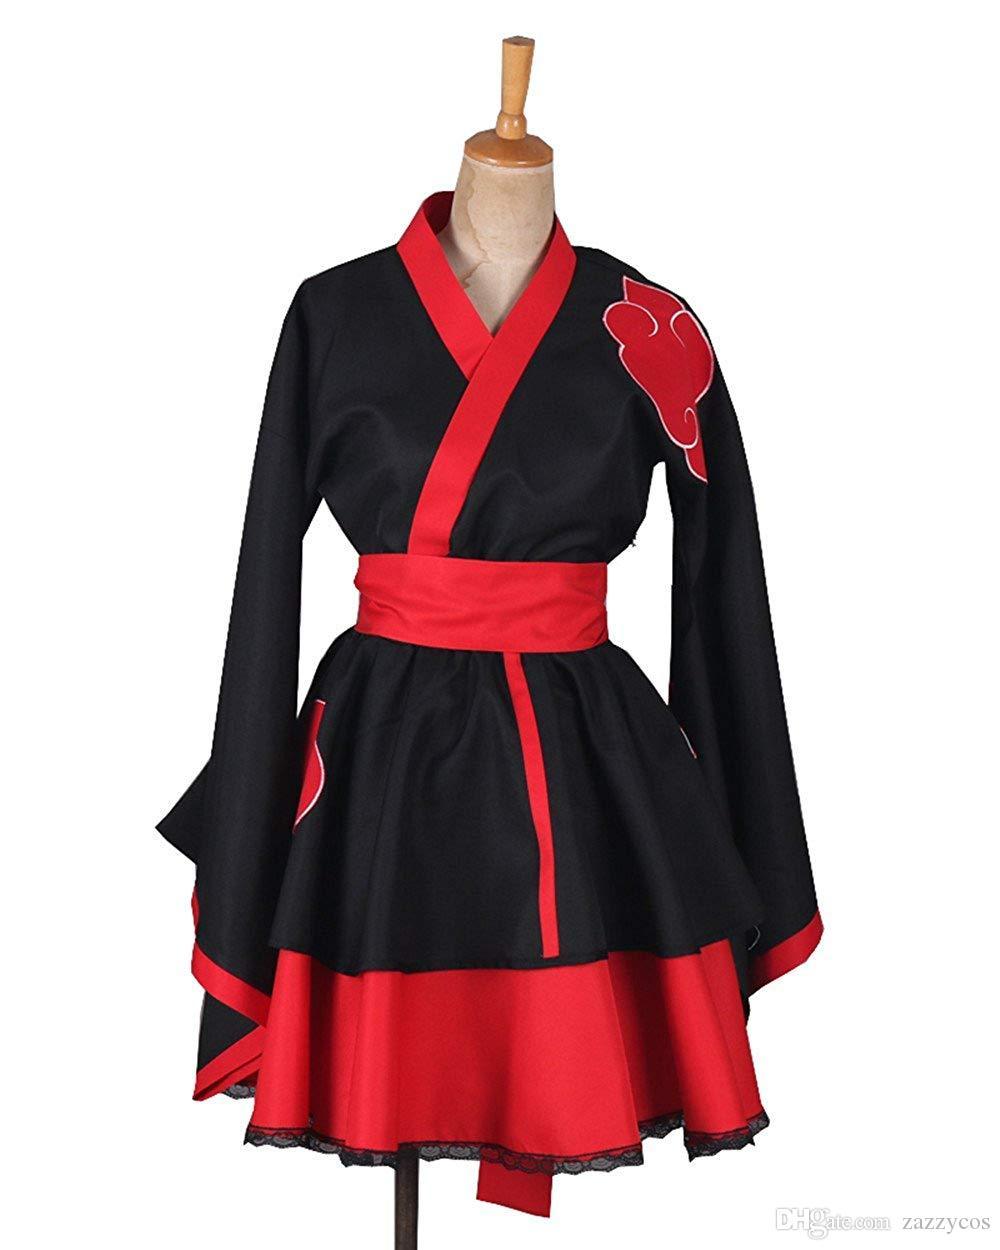 Naruto Shippuden Akatsuki Organization Lolita Kimono Dress Cosplay Costume